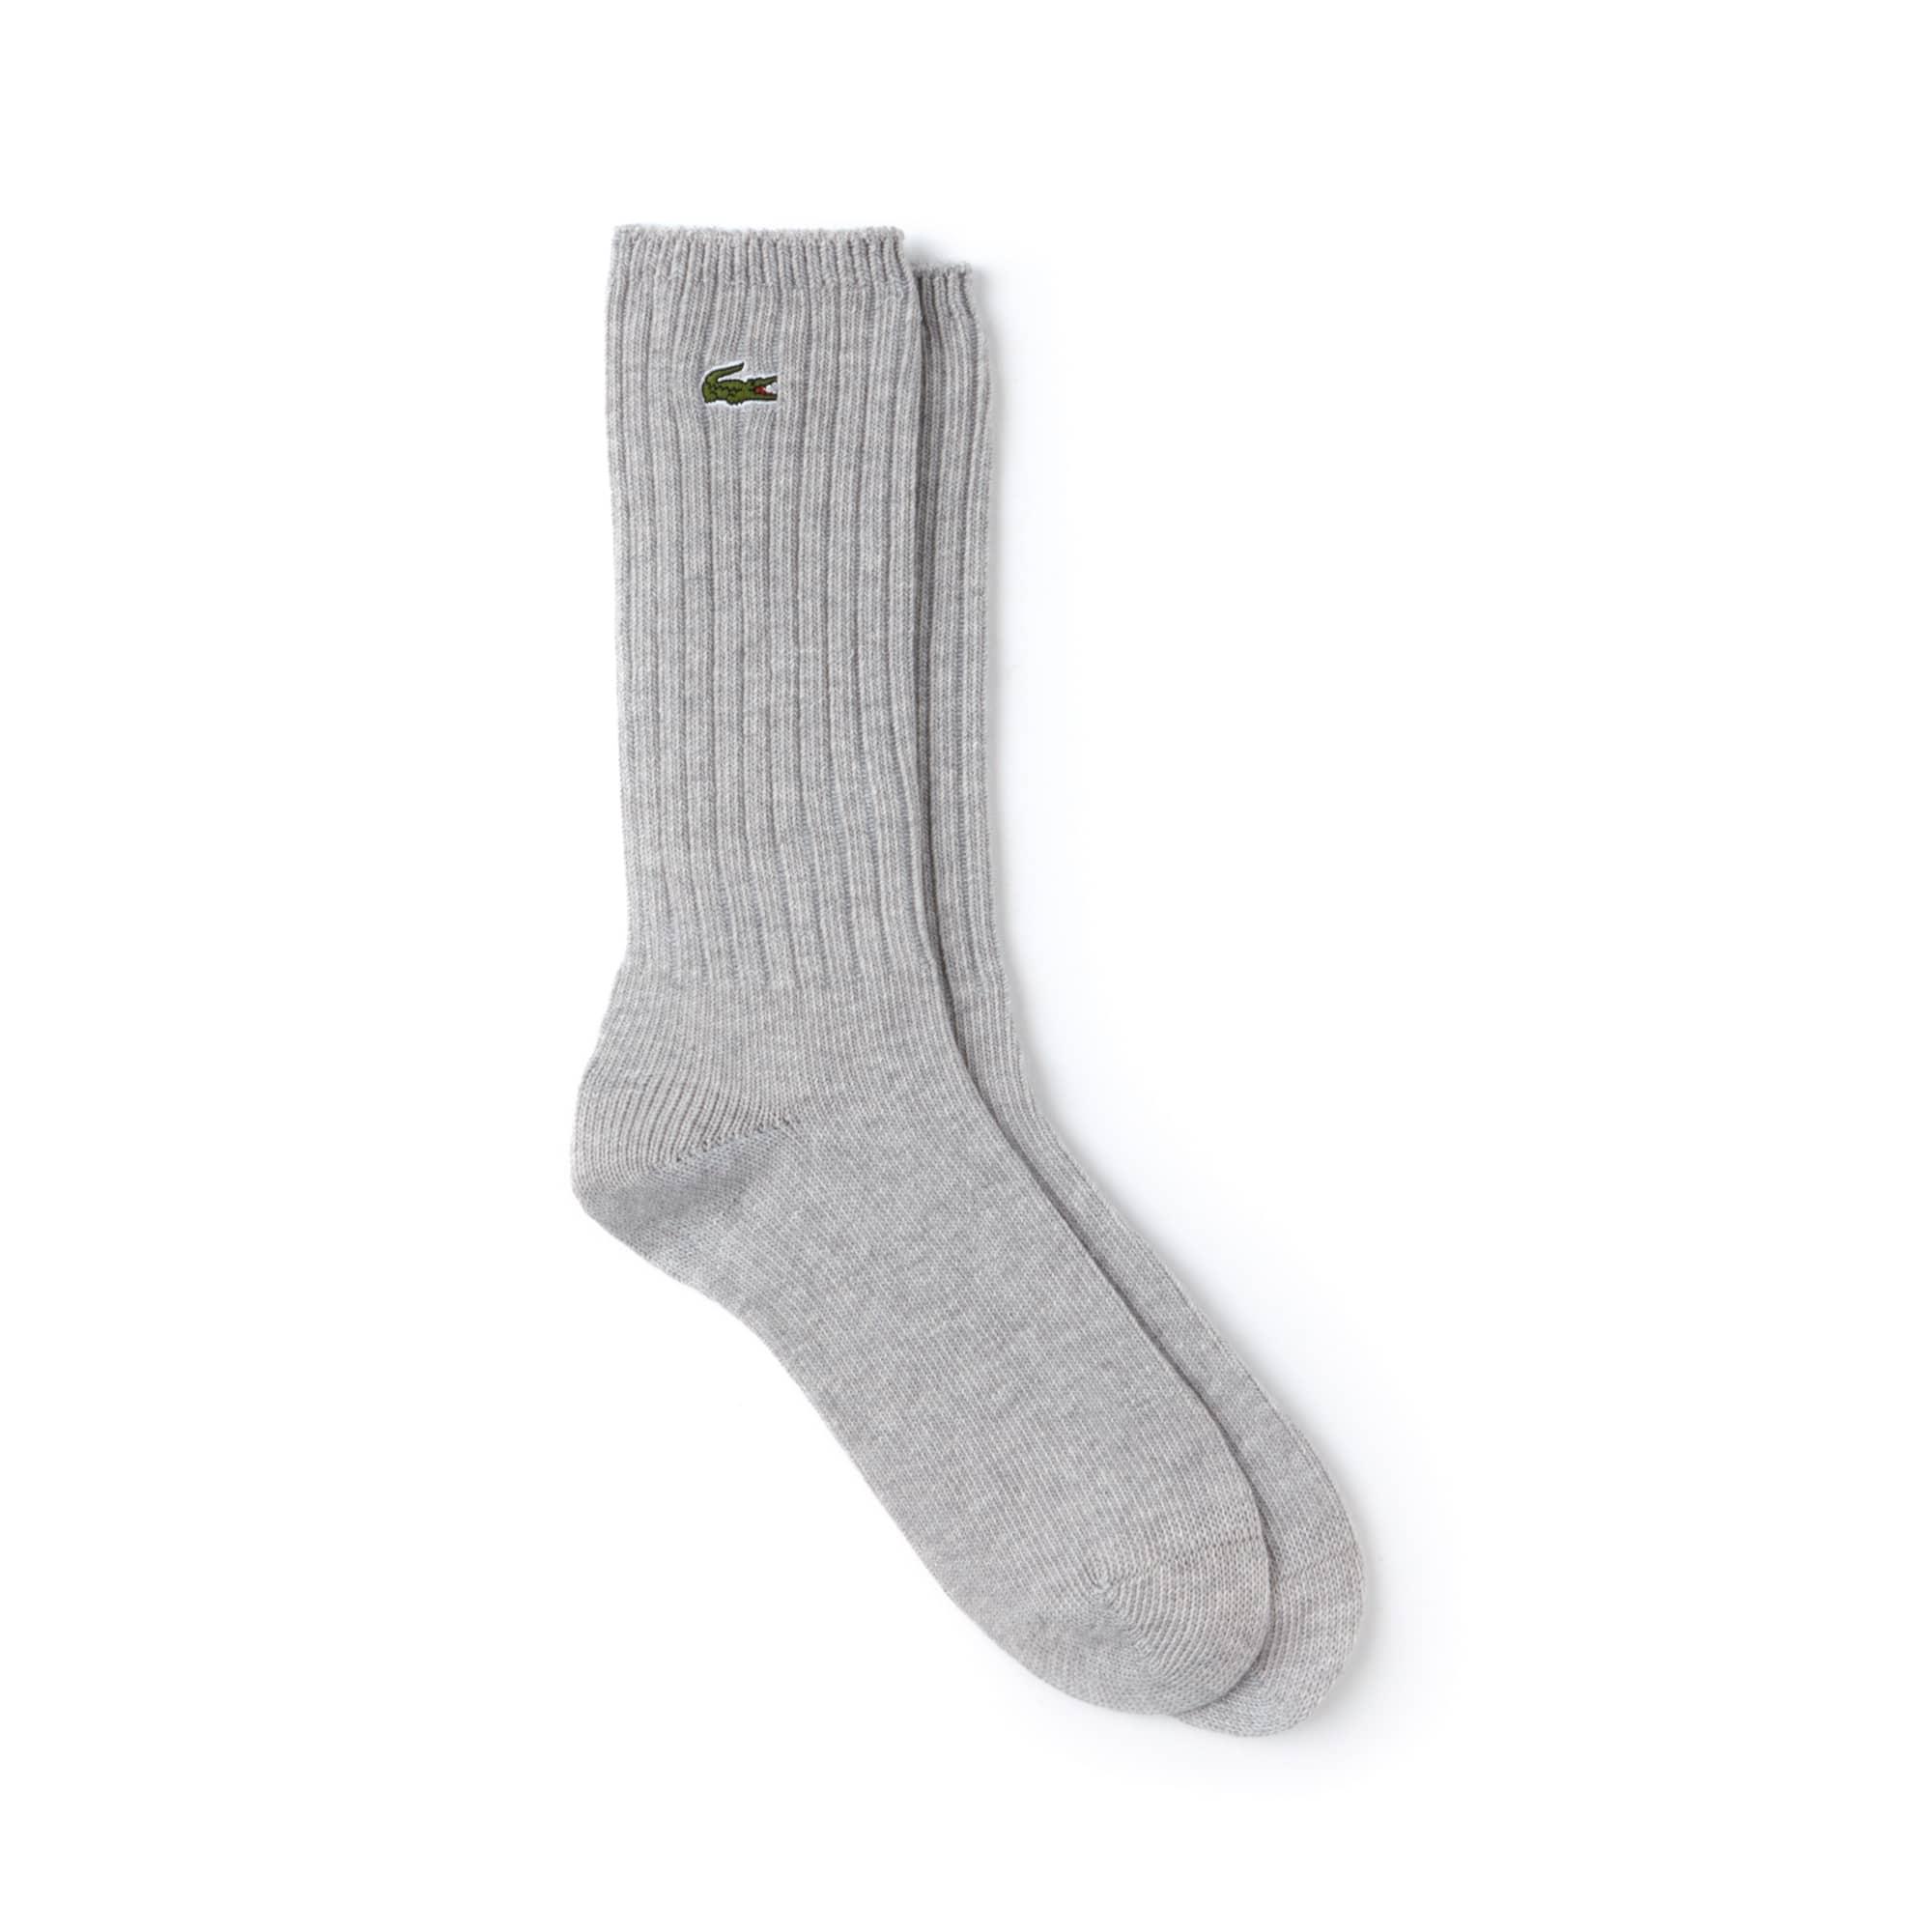 Chaussettes en coton stretch uni à côtes